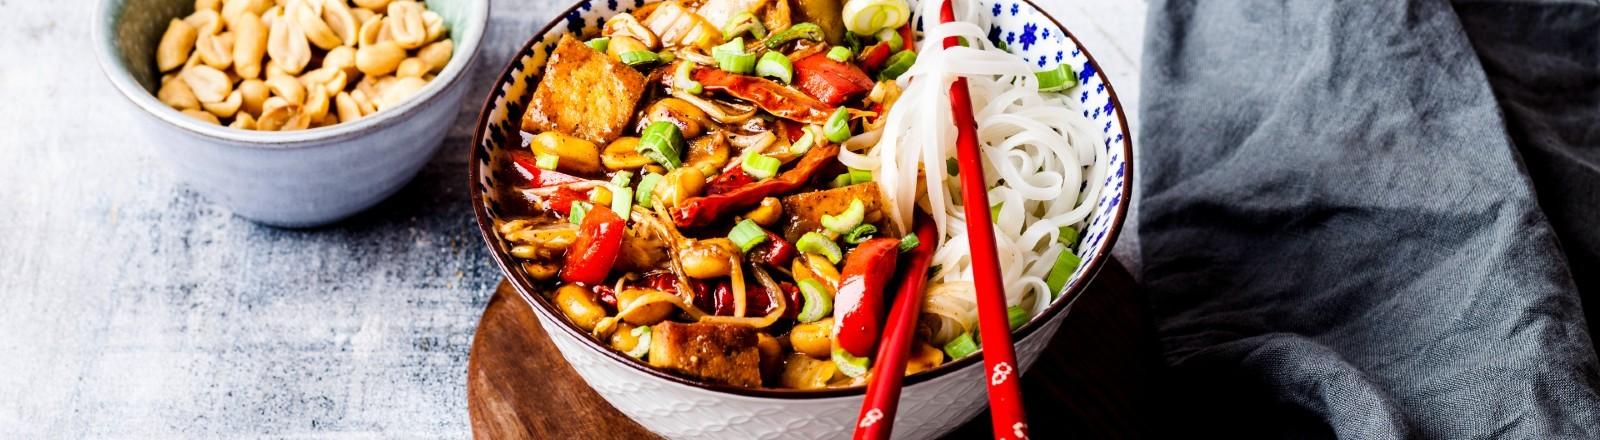 Eine Schale mit Gemüse, Reisnudeln, Tofu und Erdnüssen.